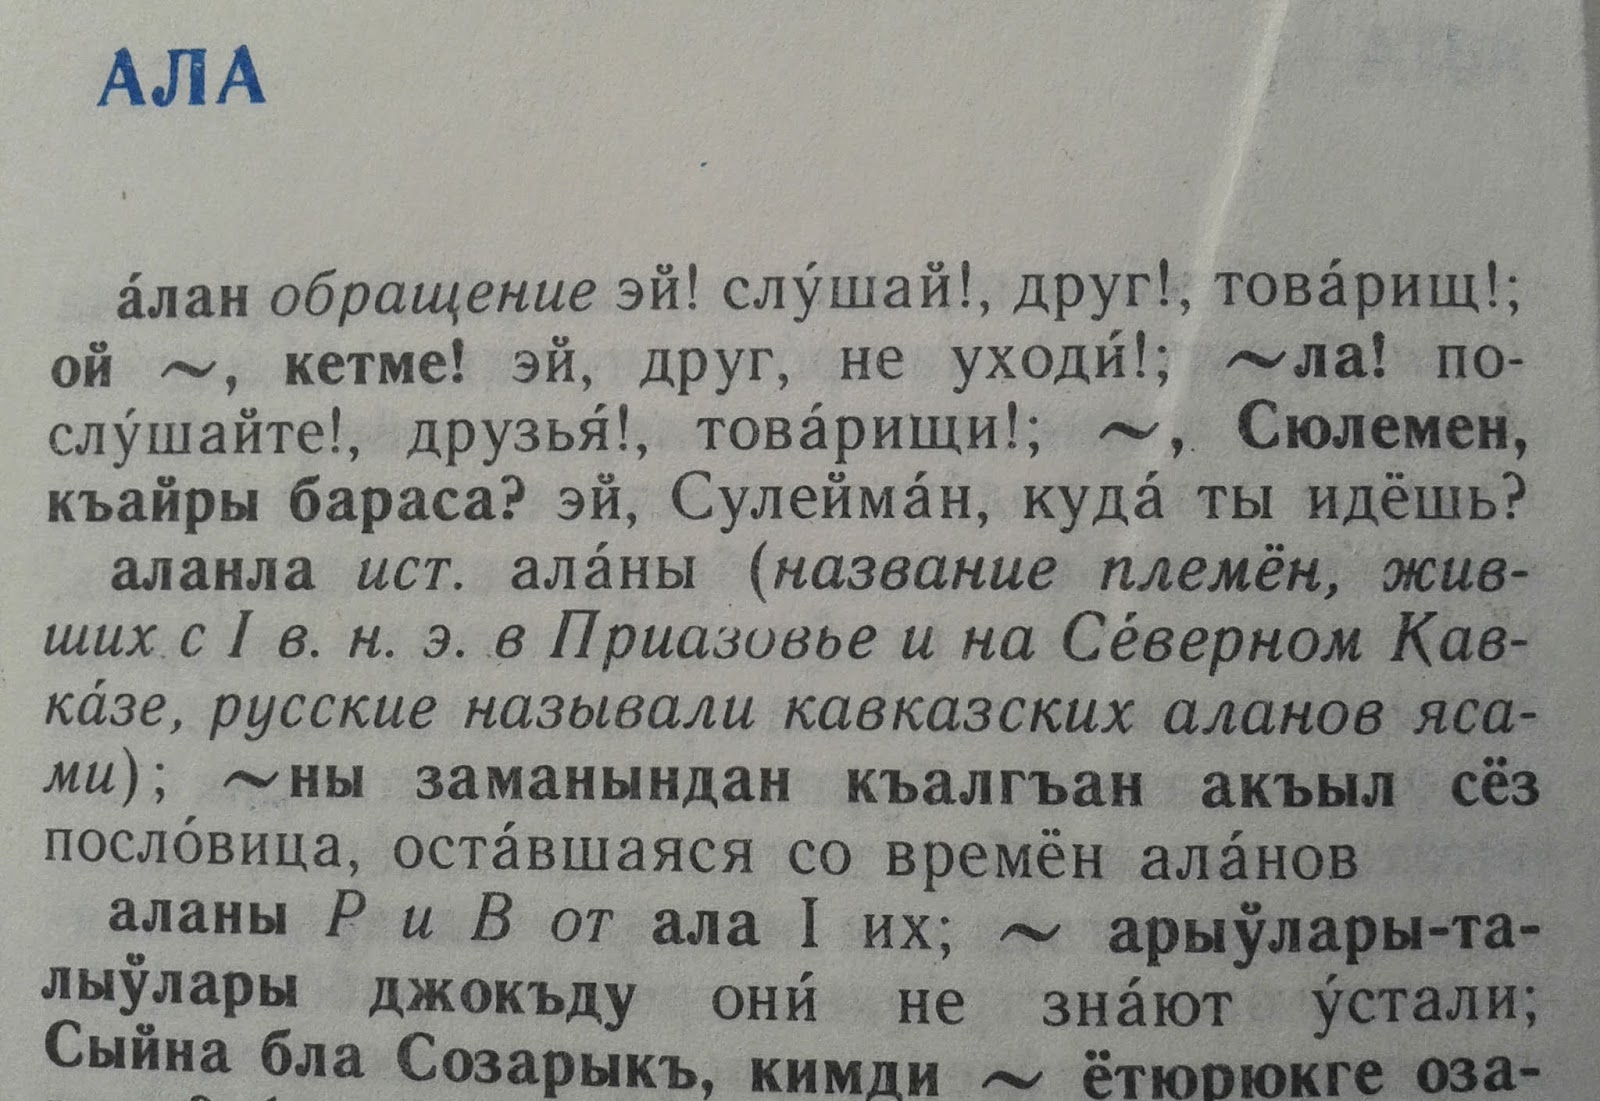 Карачаево-балкарский словарь